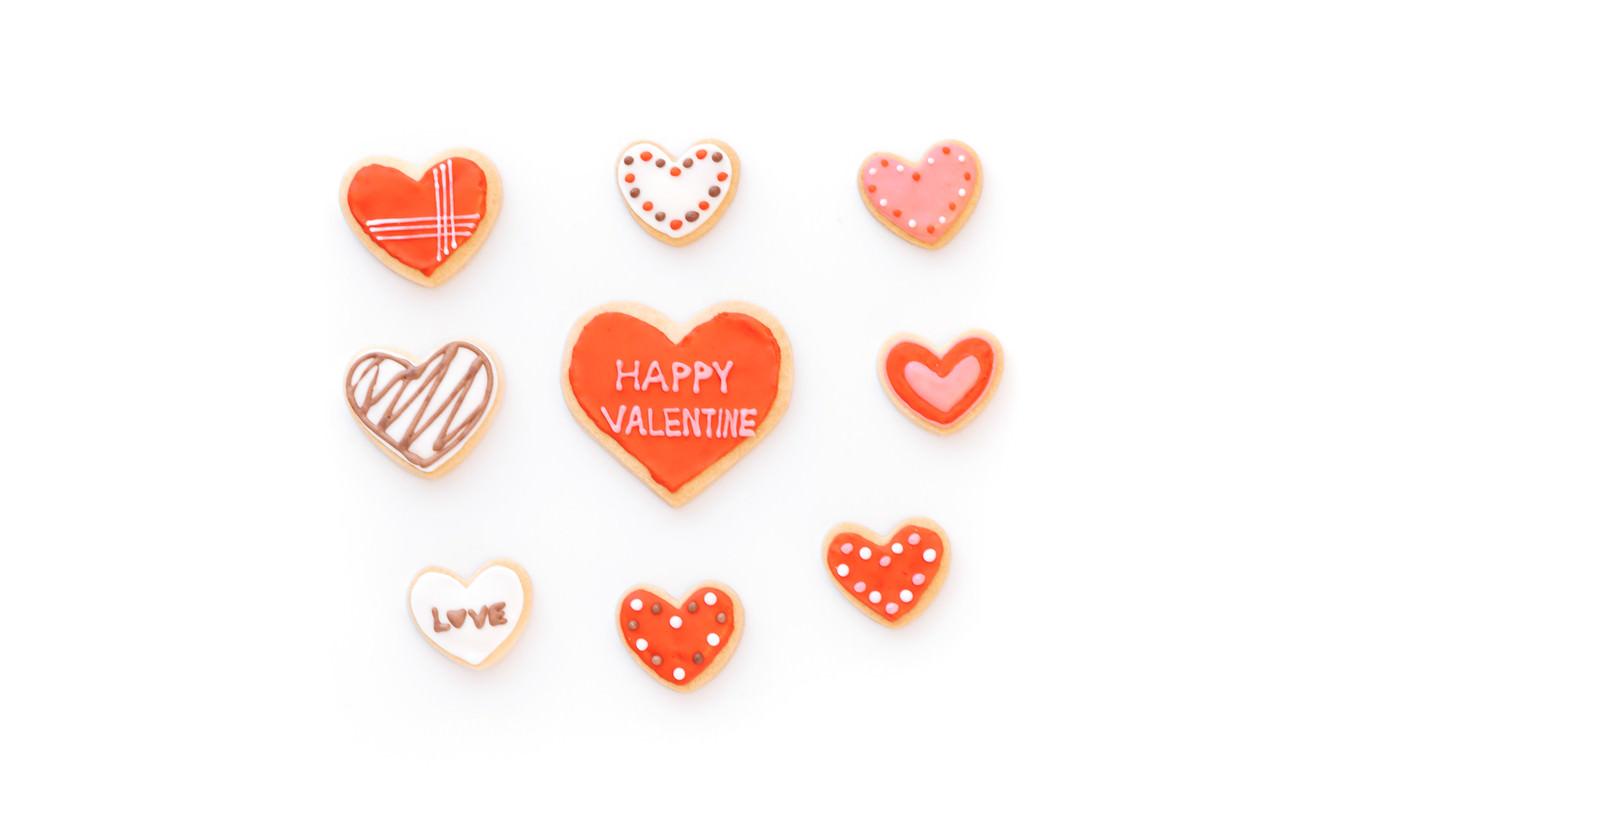 「ハートに囲まれるバレンタインクッキー」の写真